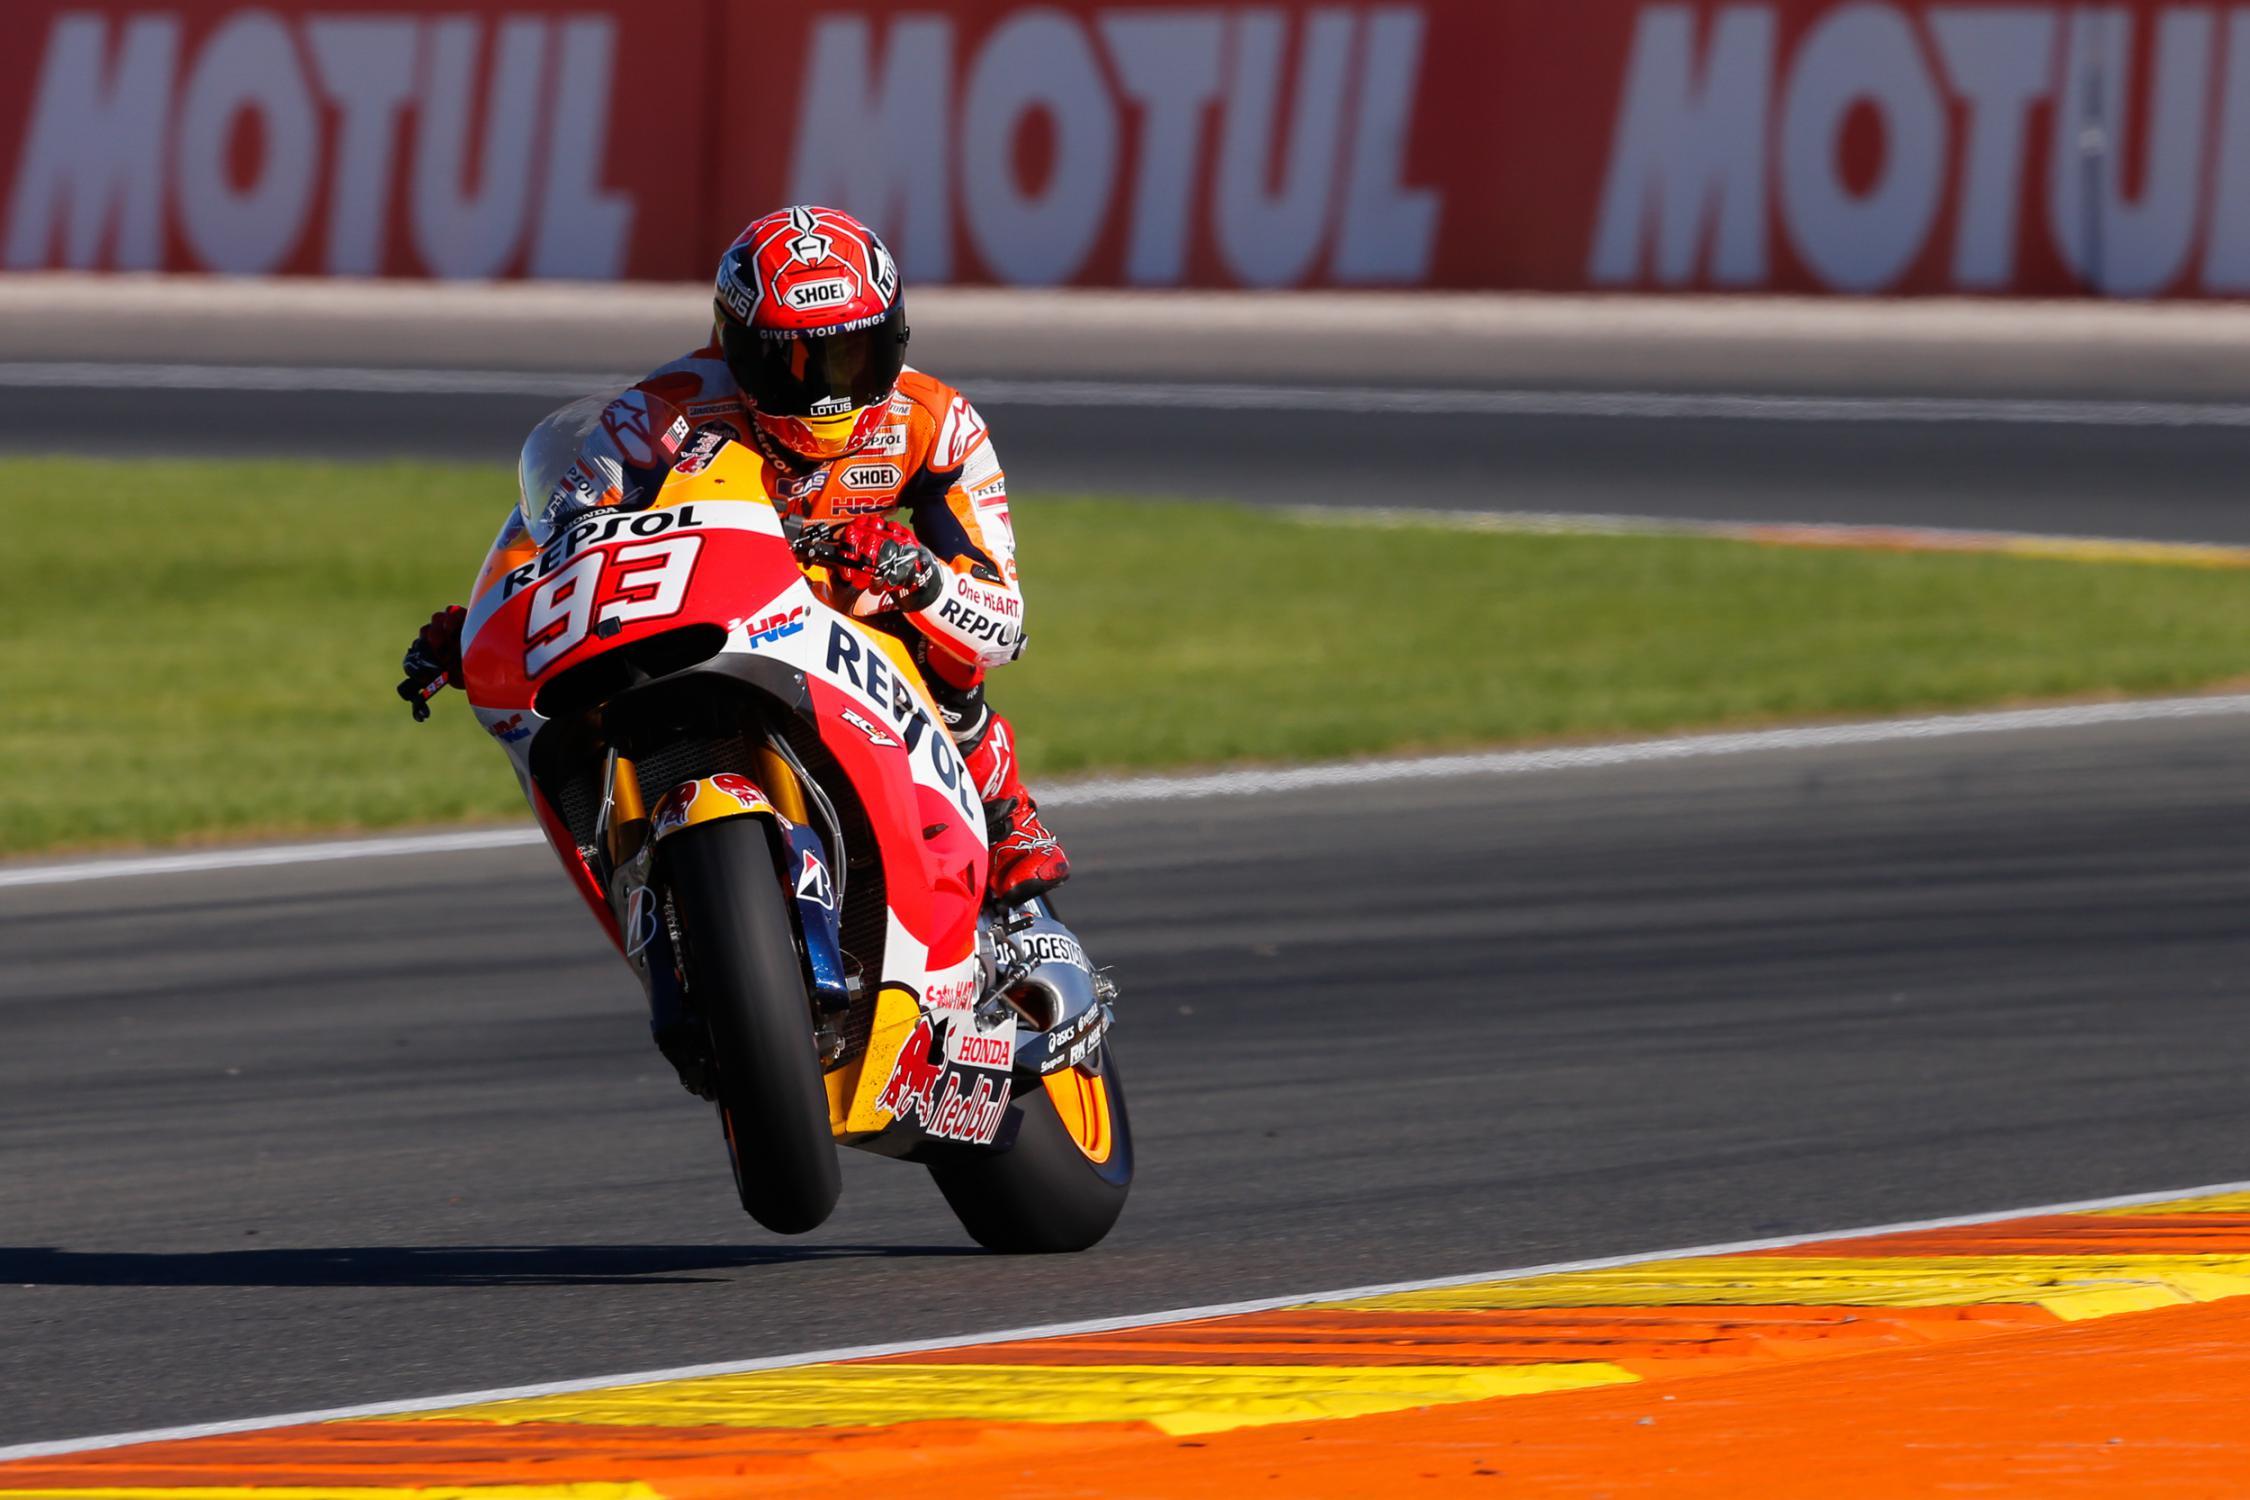 [GP] Valencia 93-marquez_gp_4169.gallery_full_top_fullscreen